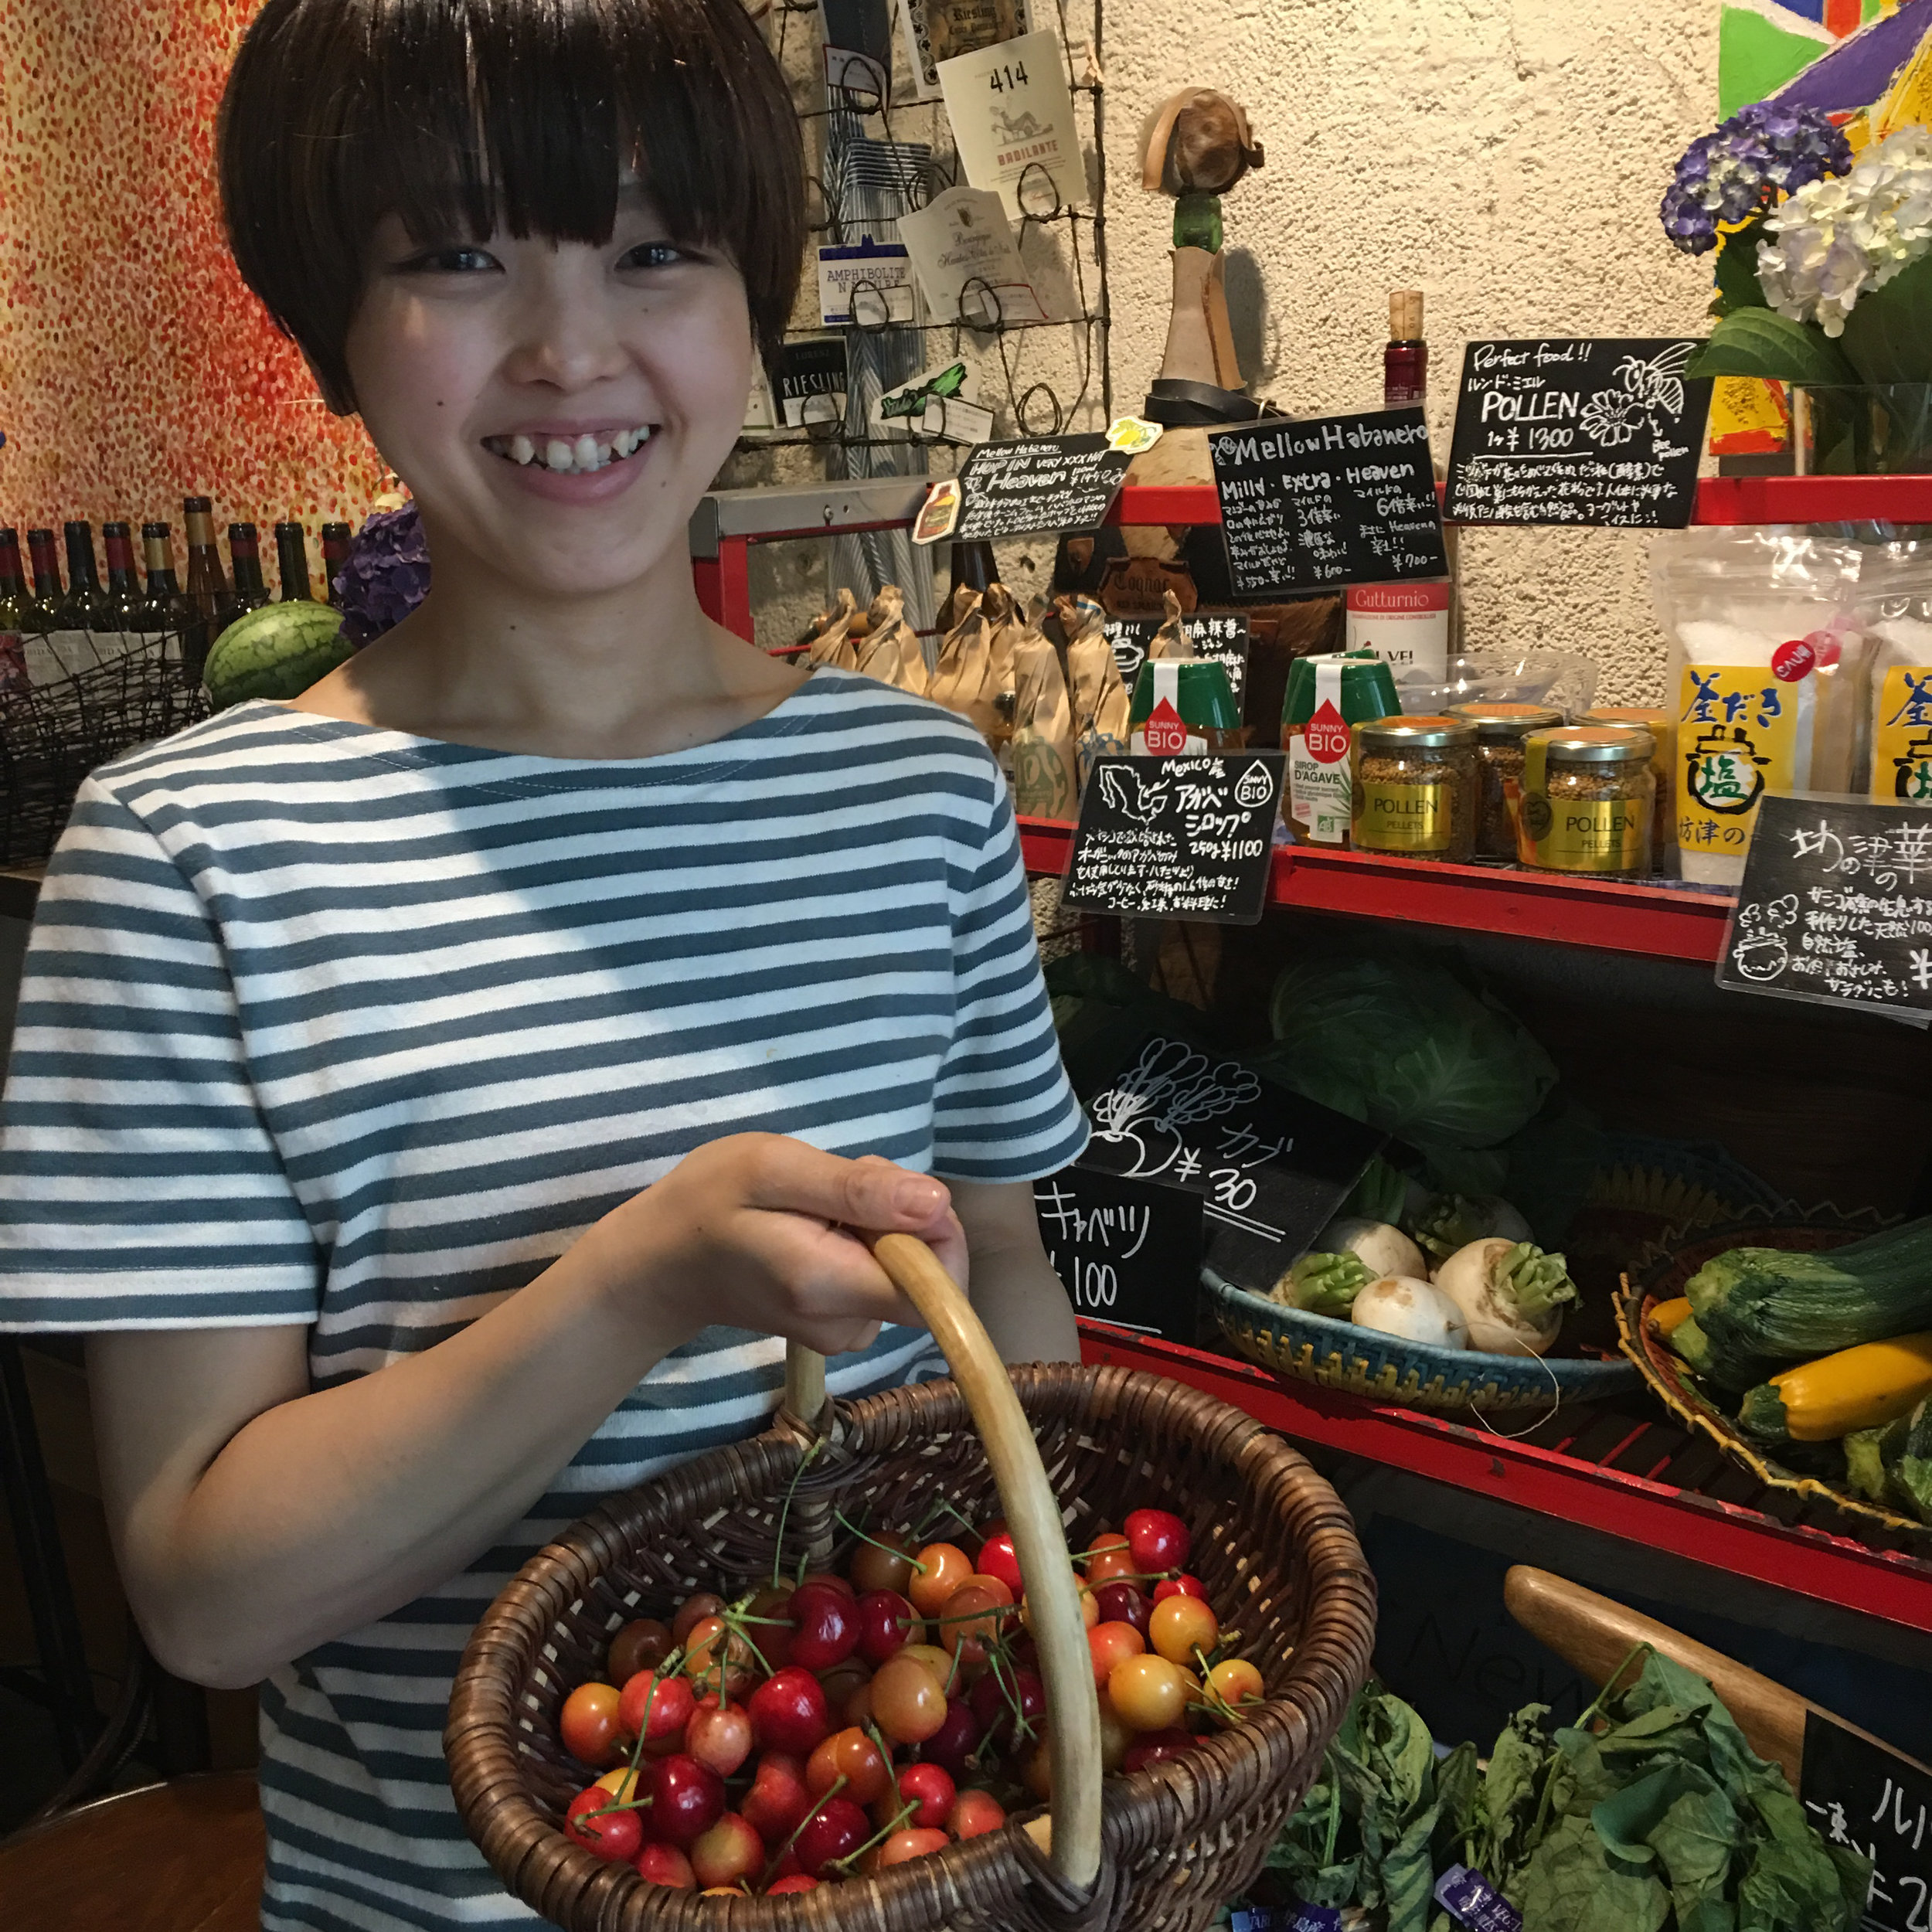 2018-06-23-Kojimachi-Cafe-Marche-2.jpg